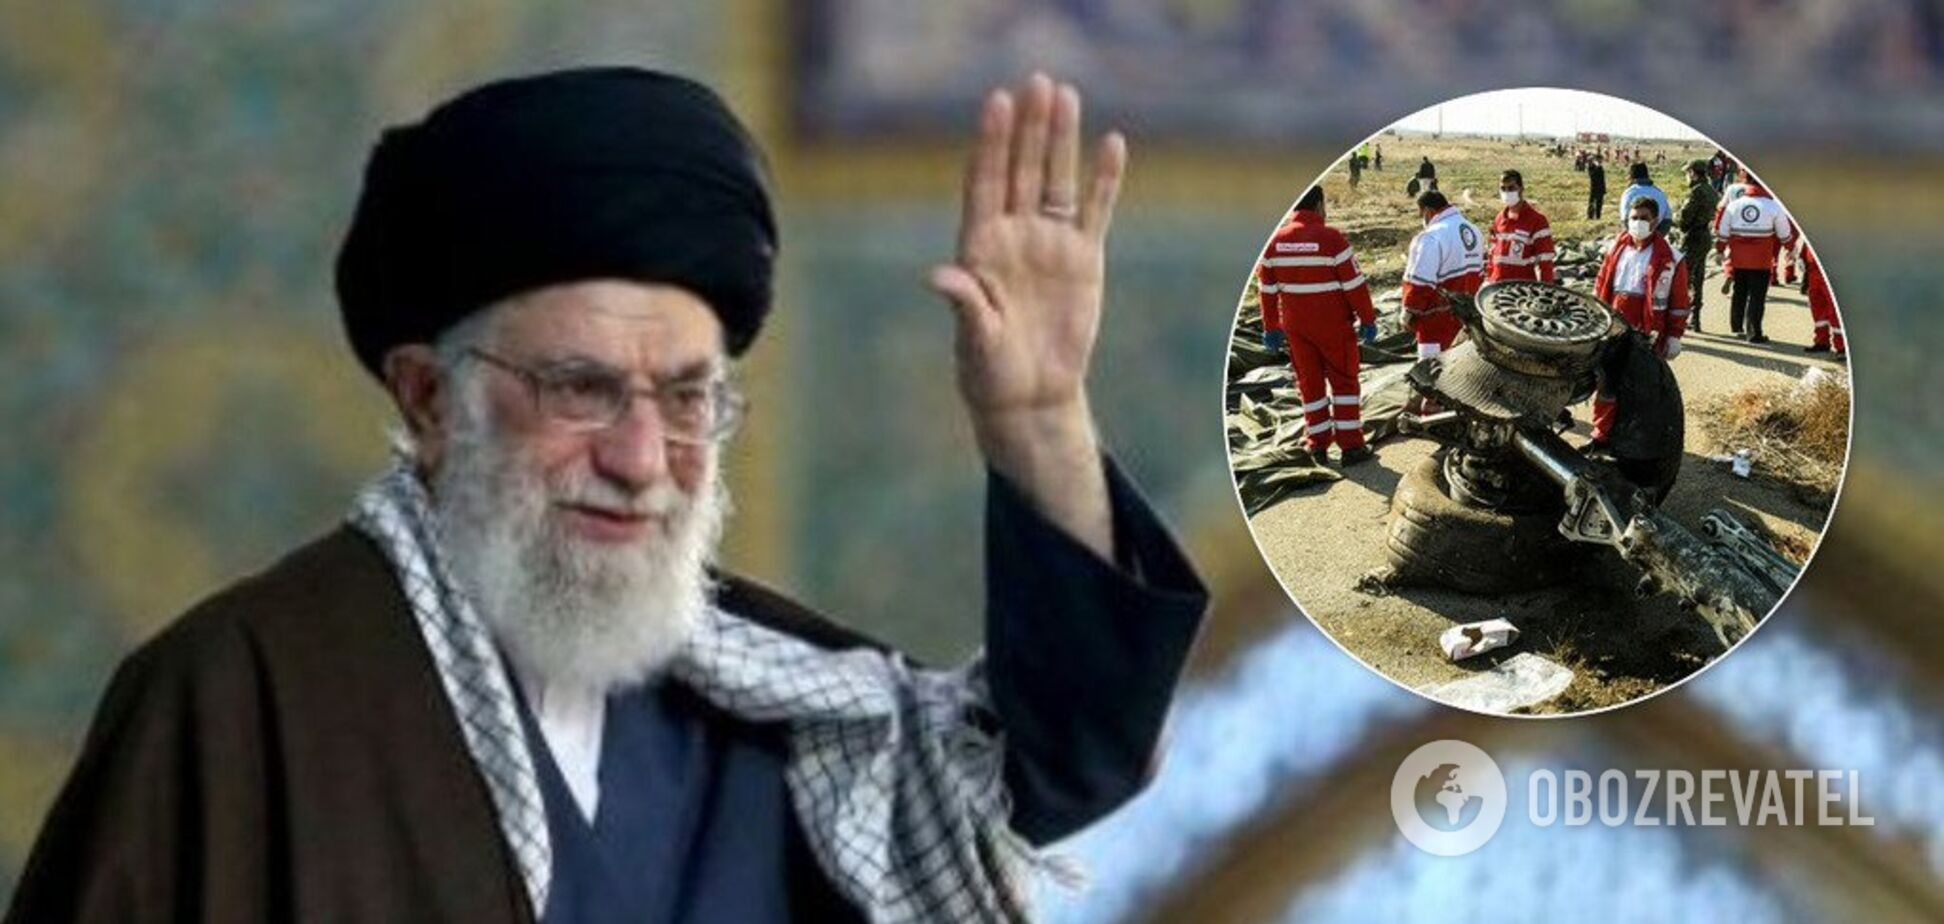 'Есть неясные моменты!' Духовный лидер Ирана выдал новое заявление о катастрофе самолета МАУ